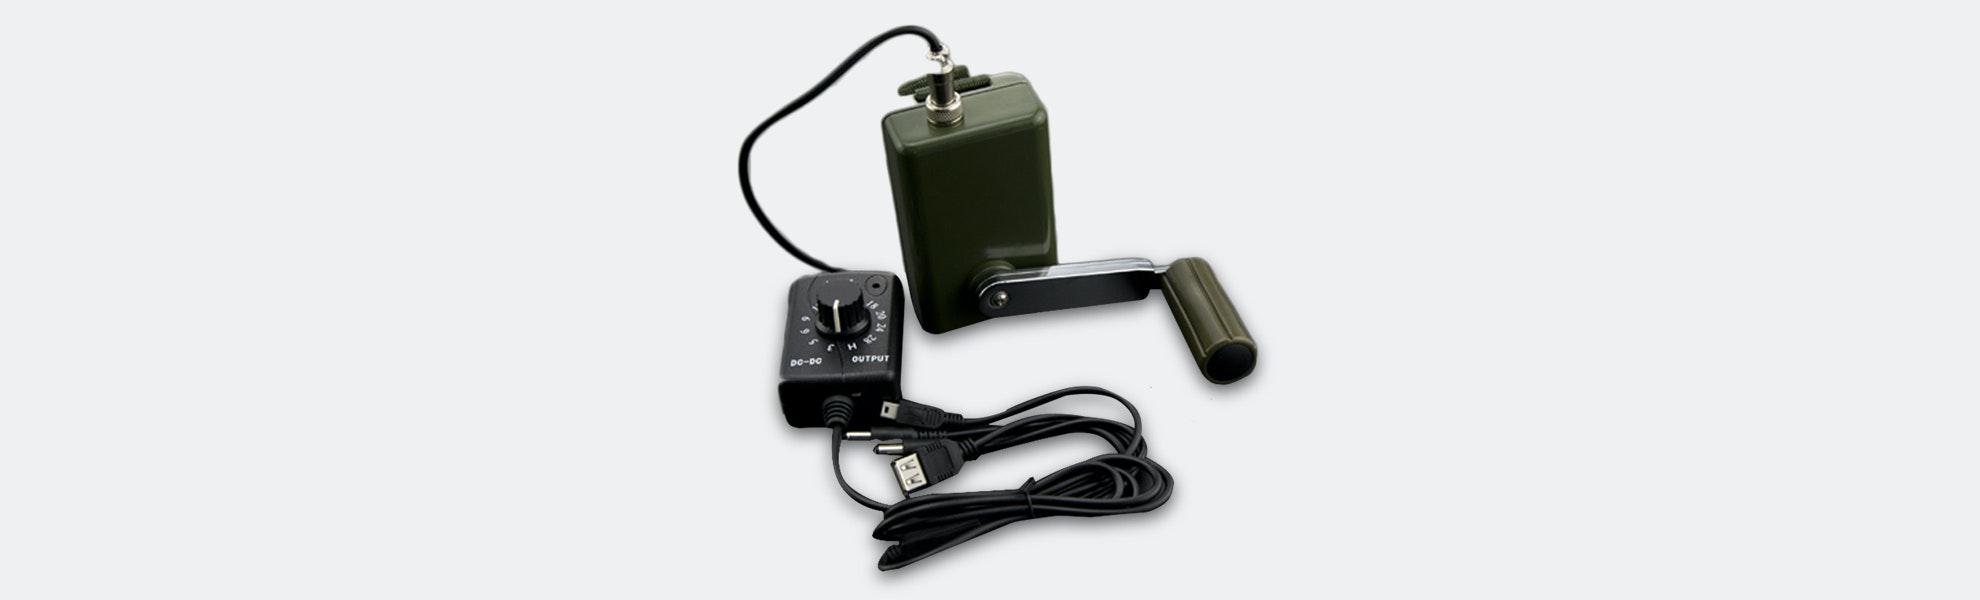 DFRobot Portable Hand-Crank Power Generator